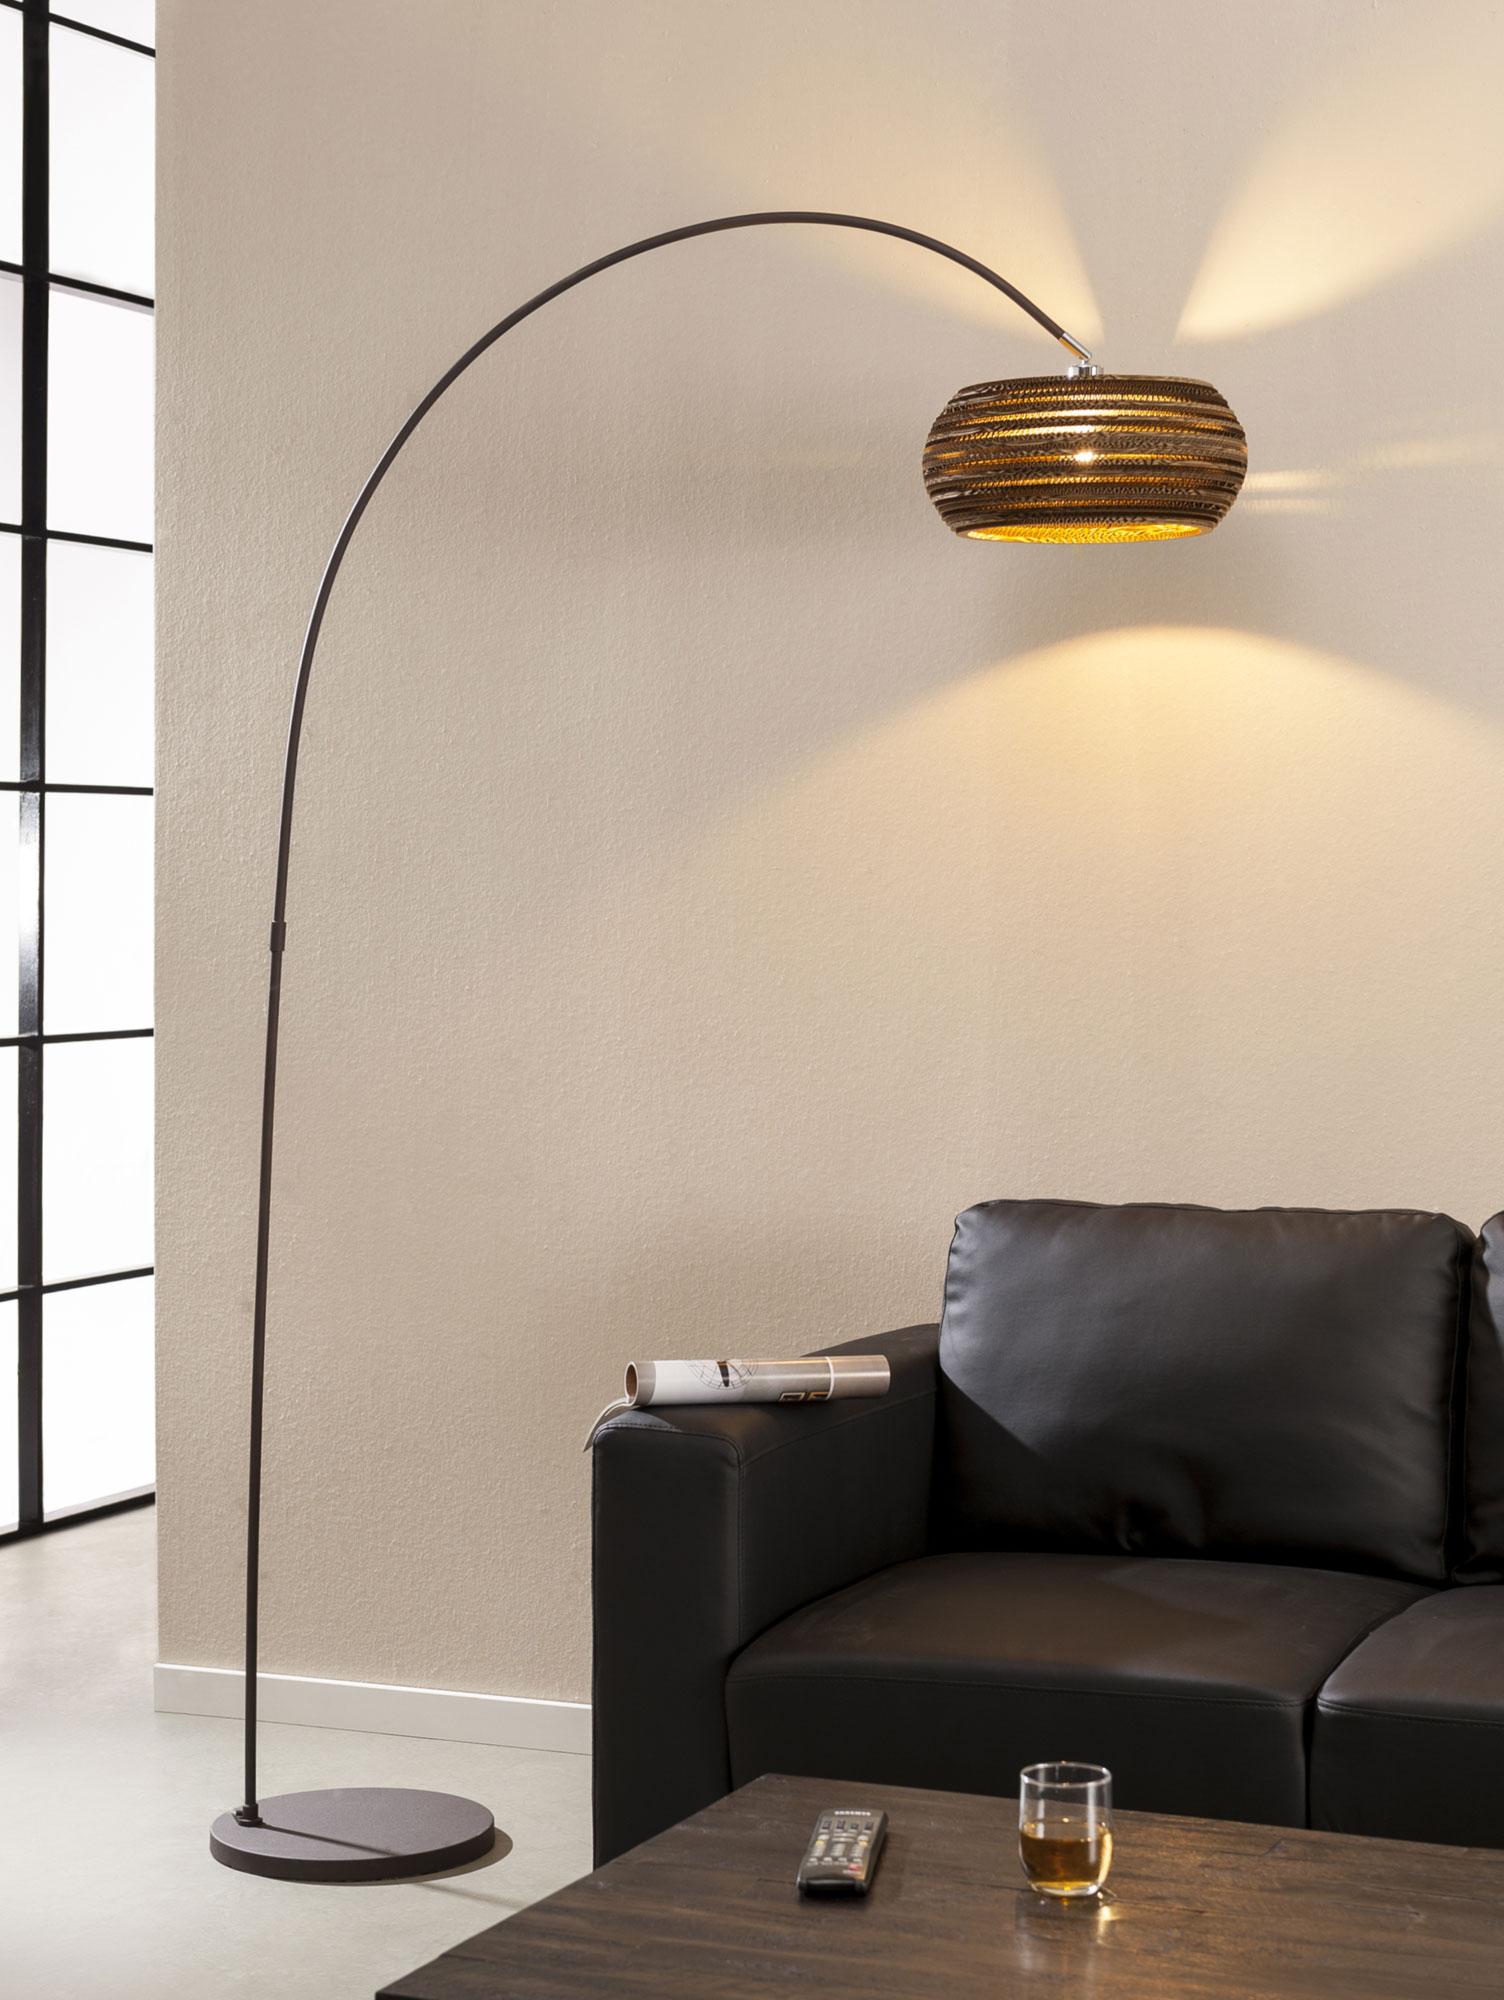 Caiden stehlampe bogenlampe braun for Stehlampe designklassiker